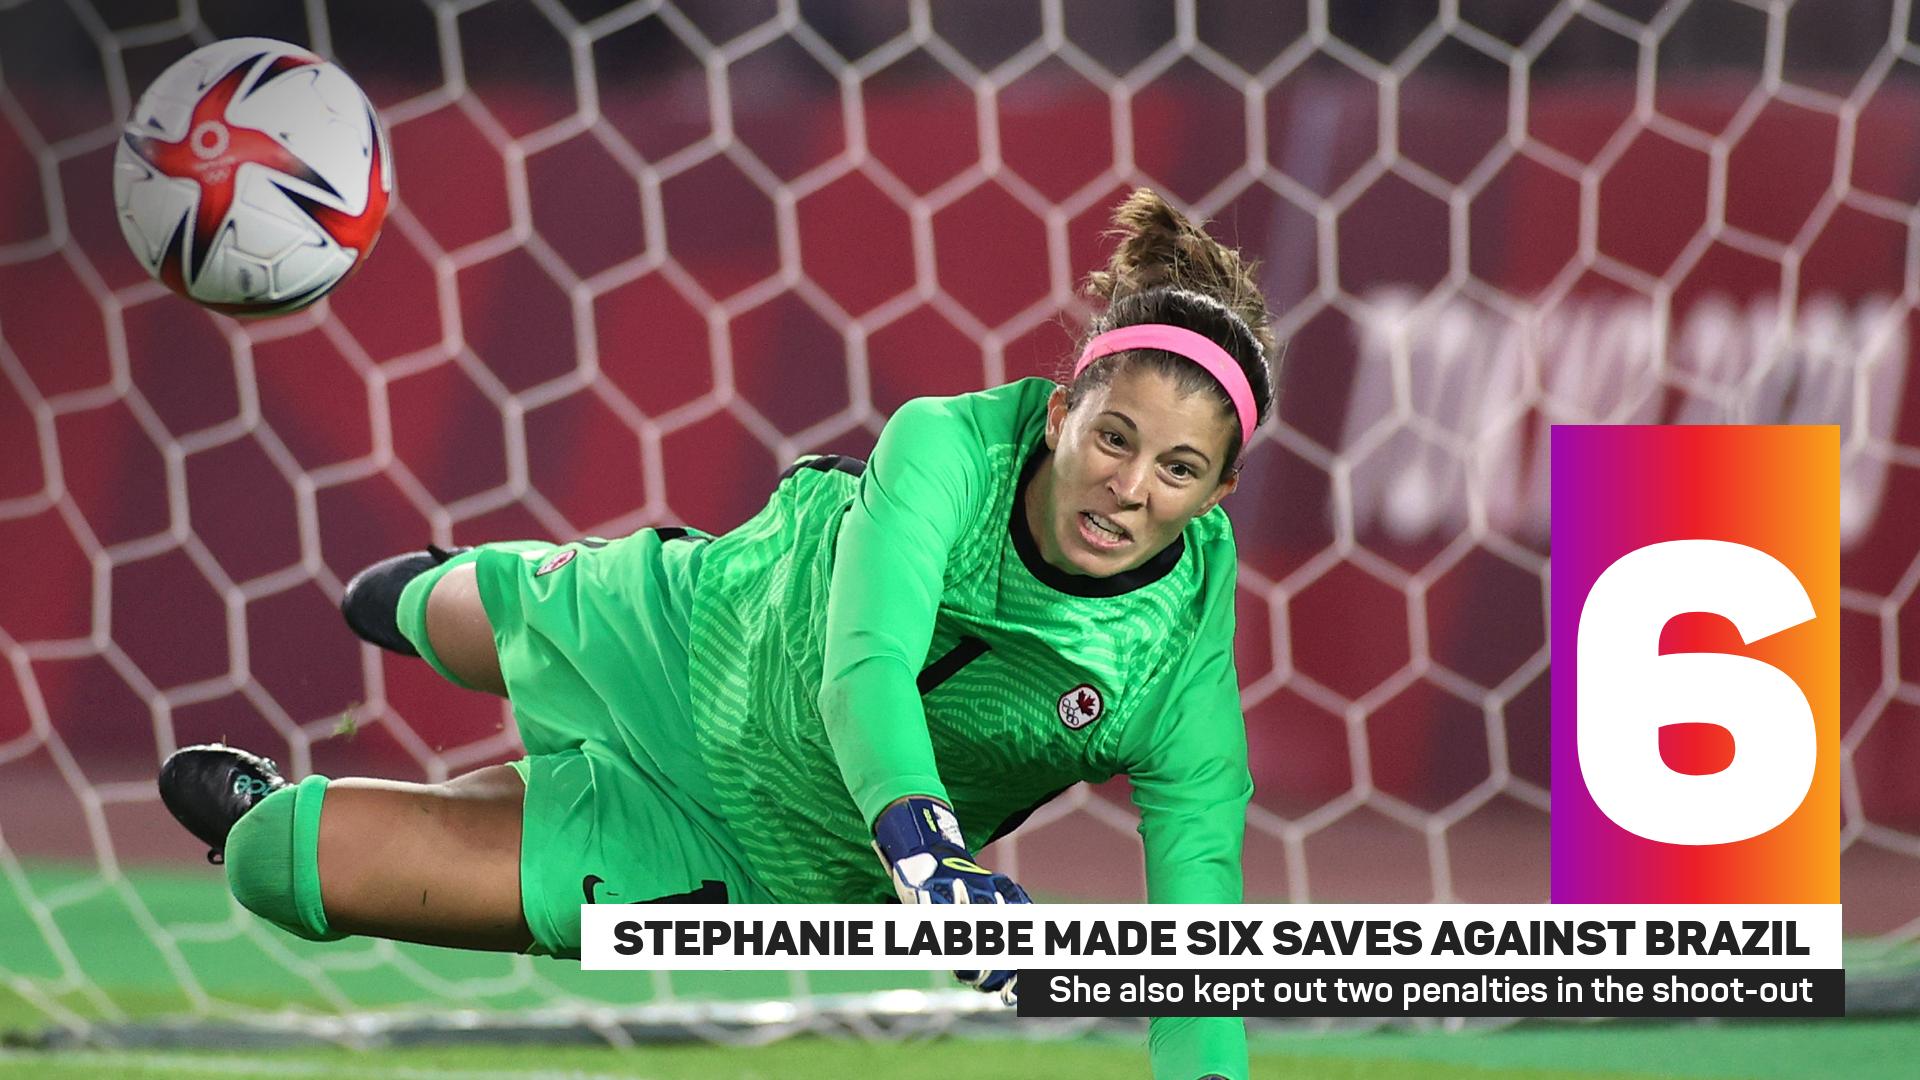 Stephanie Labbe saves vs Brazil